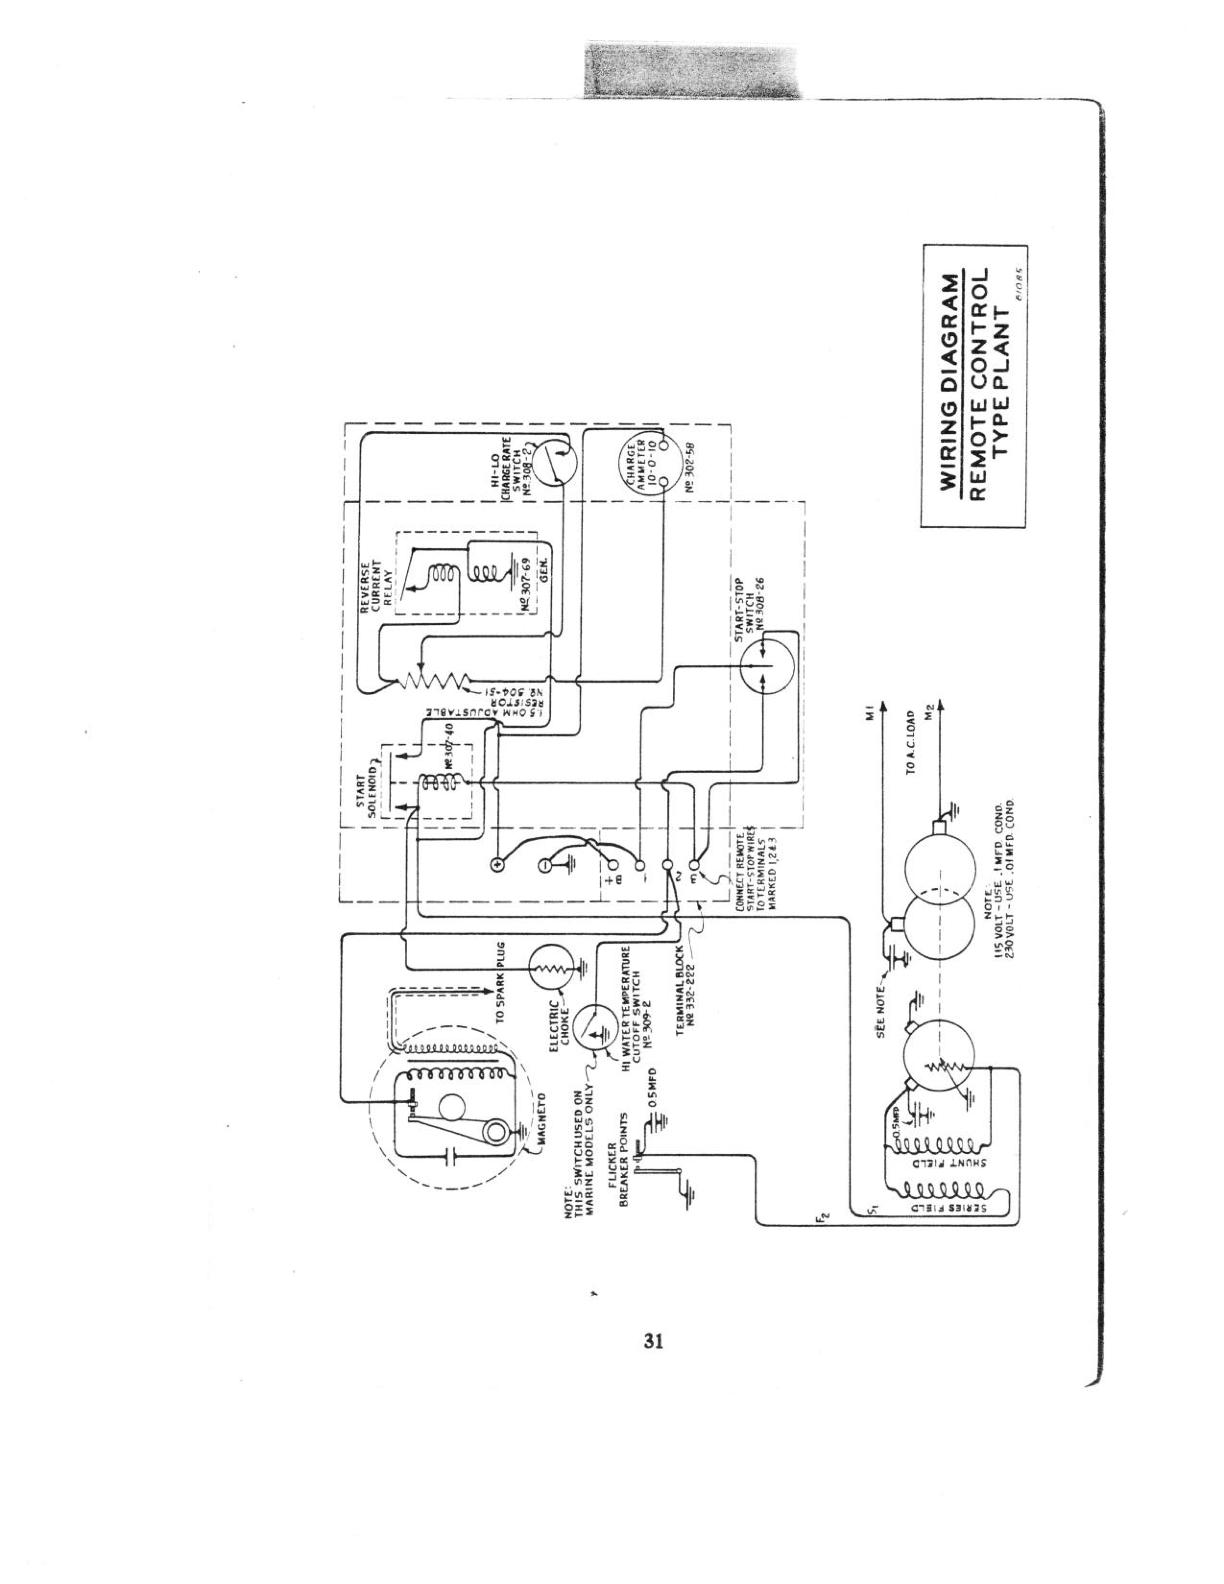 Bestseller: 24 Hp Onan Engine Wiring Diagram